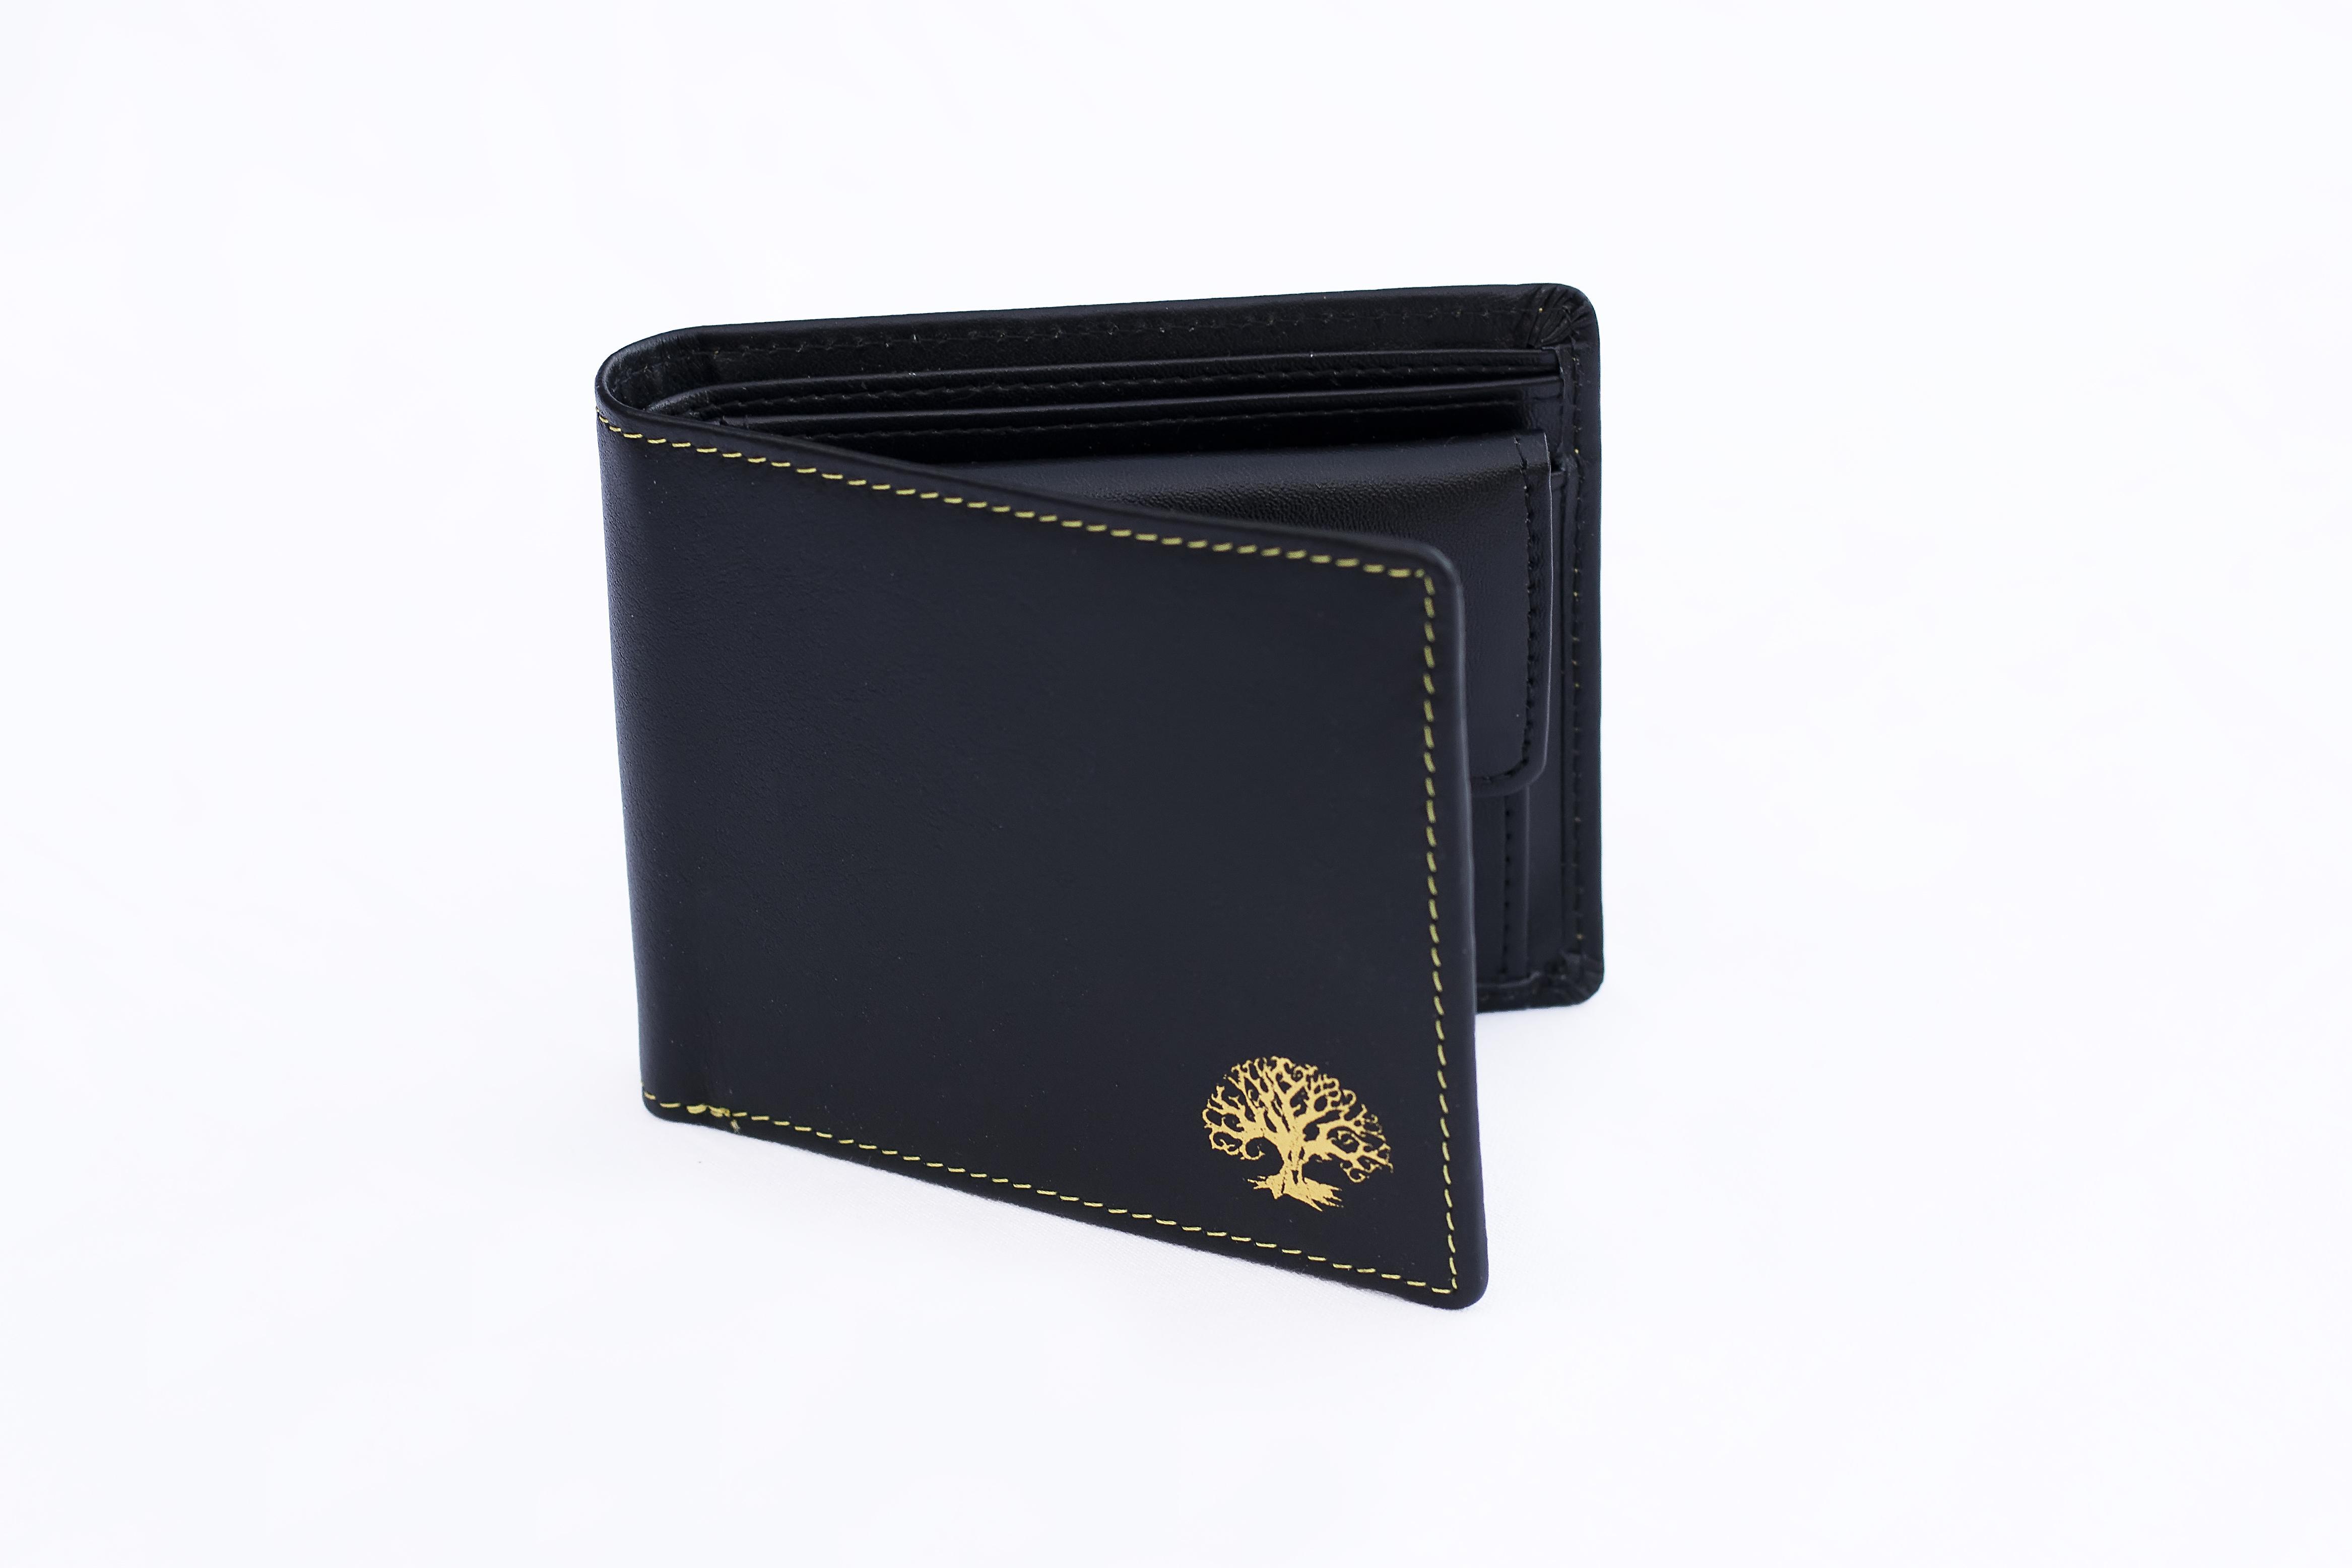 2b3c50b552 peňaženka BLACK   GOLD s ochranou osobných údajov - Zhodnocuj.sk